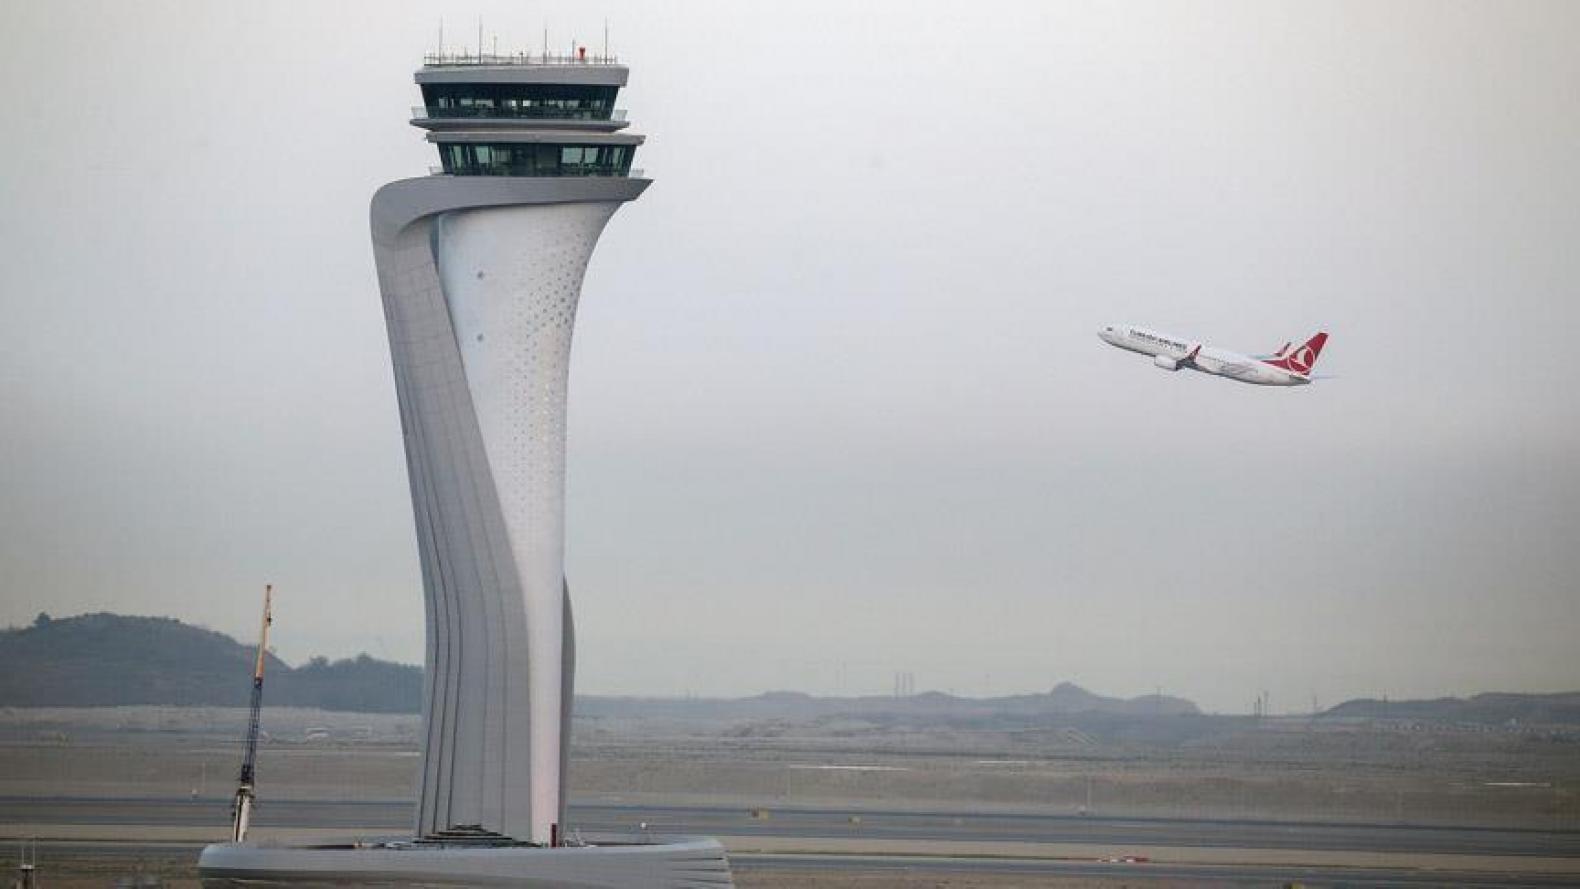 مطارات كوردستان تبدأ باجراء الفحوصات: لا توجد أي اصابة بفيروس كورونا